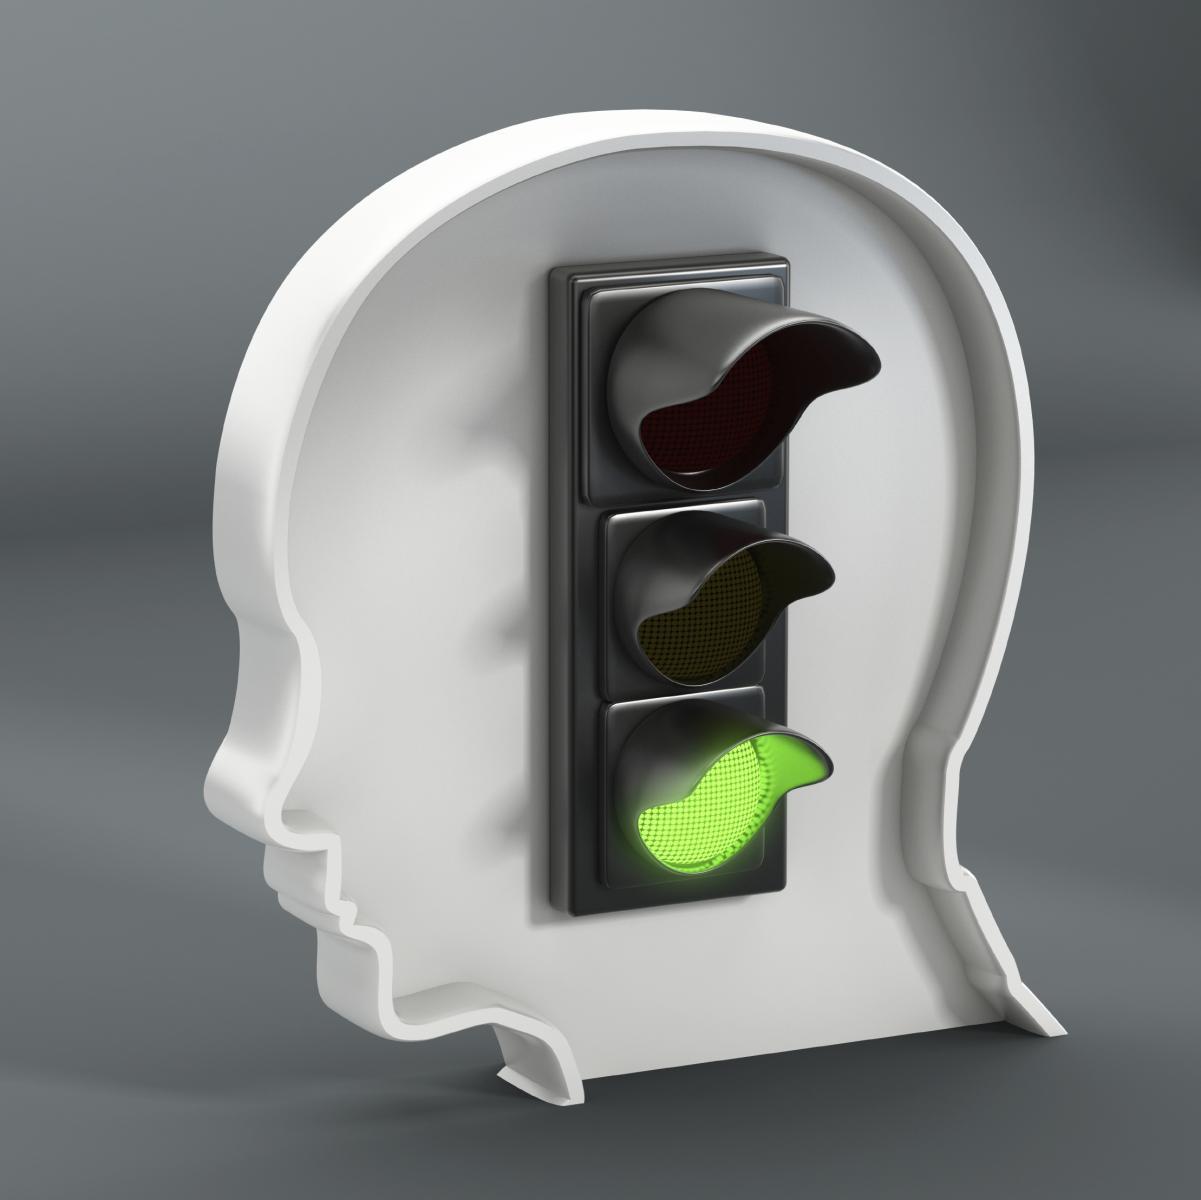 Čak 20 posto manja je bol pri upotrebi zelenog svijetla.